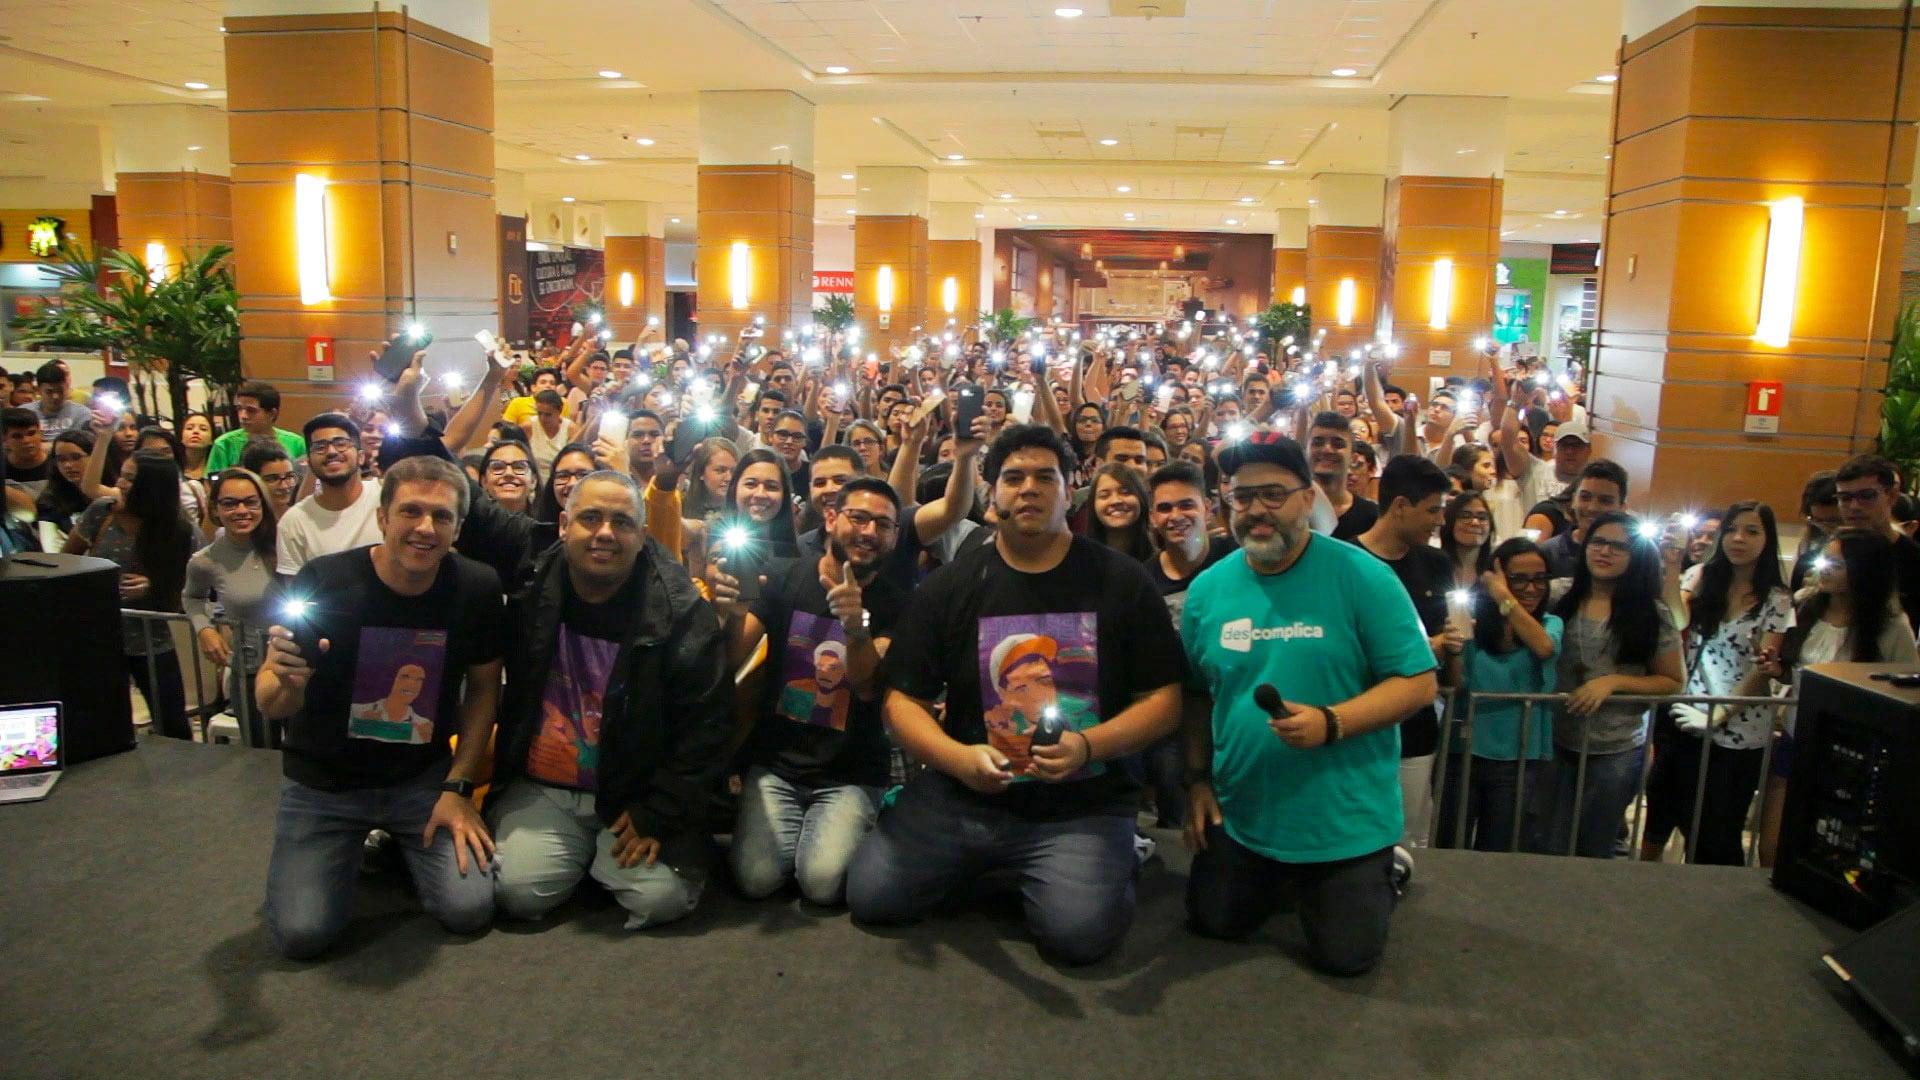 Aulão Descomplica no Shopping Via Sul, em Fortaleza - foto com professores e uma multidão de alunos